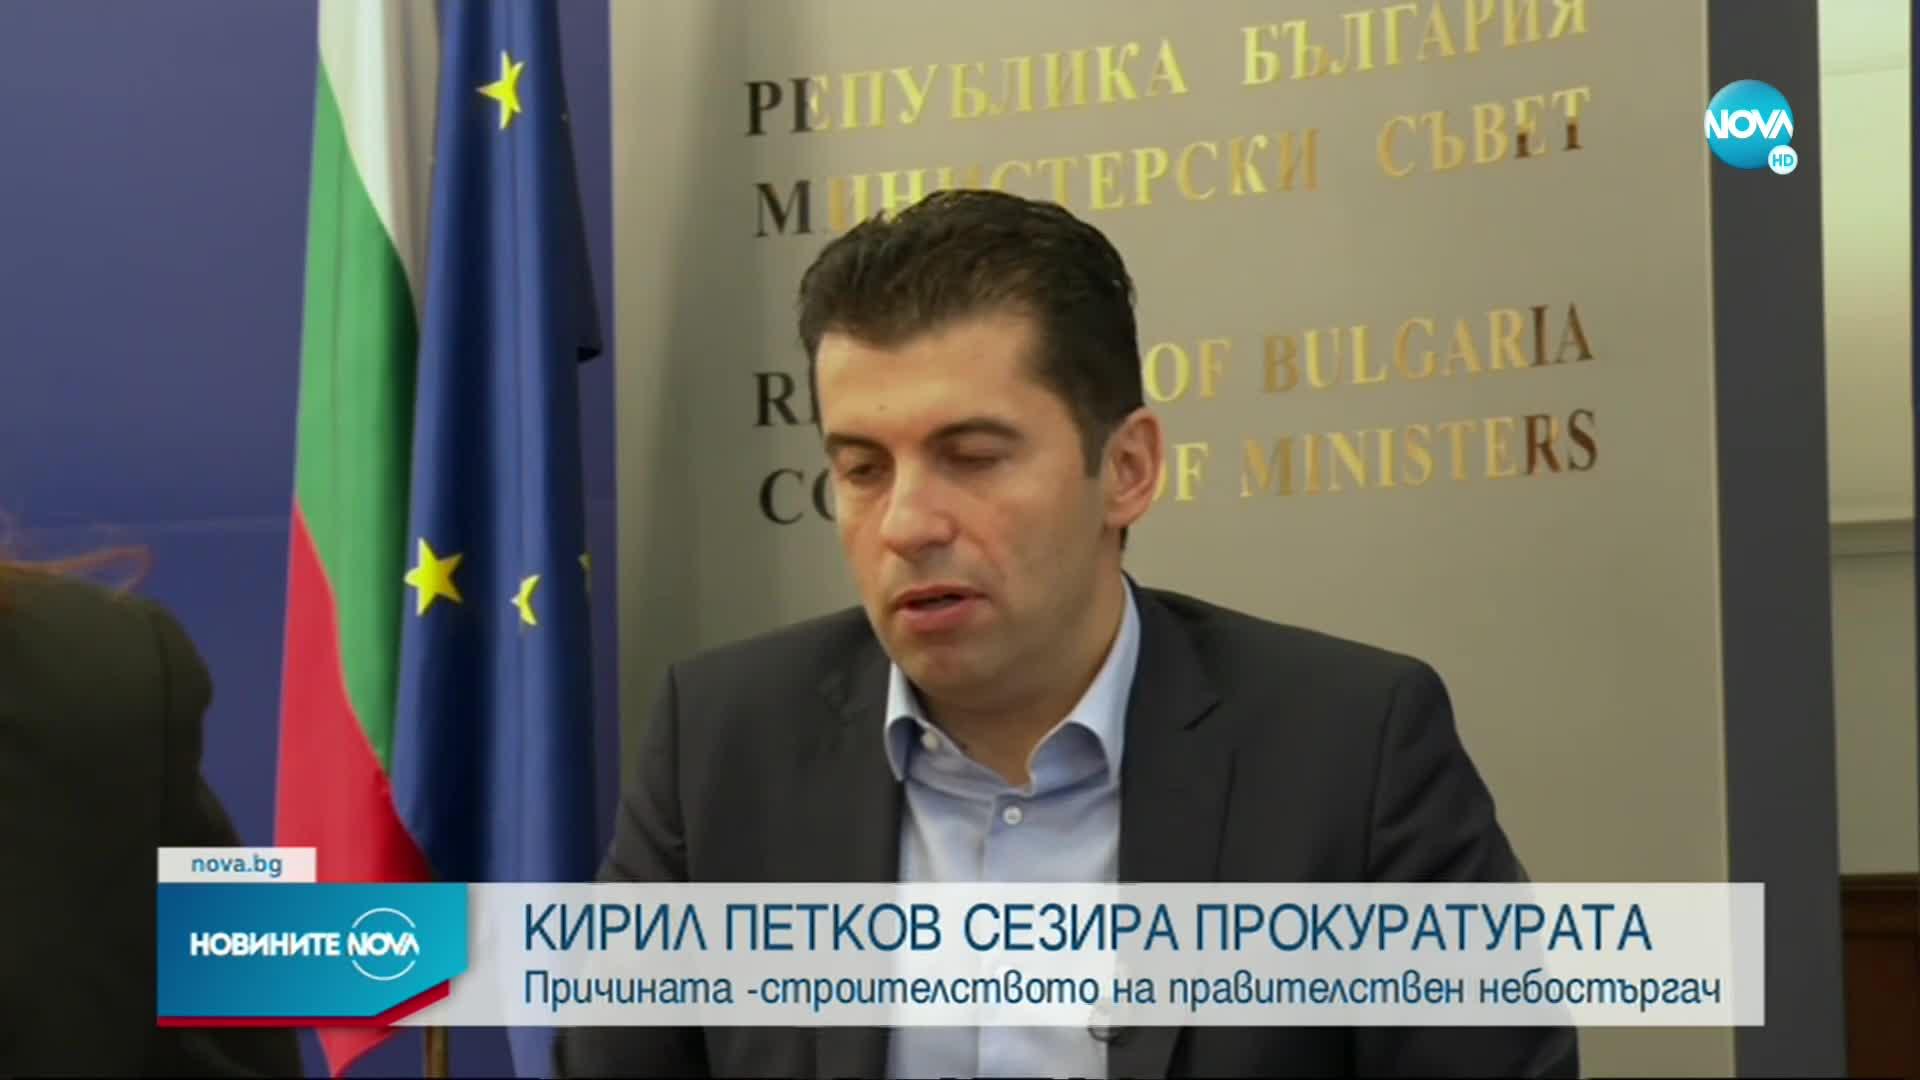 Петков: Подготвяме сигнал към прокуратурата за правителствения комплекс